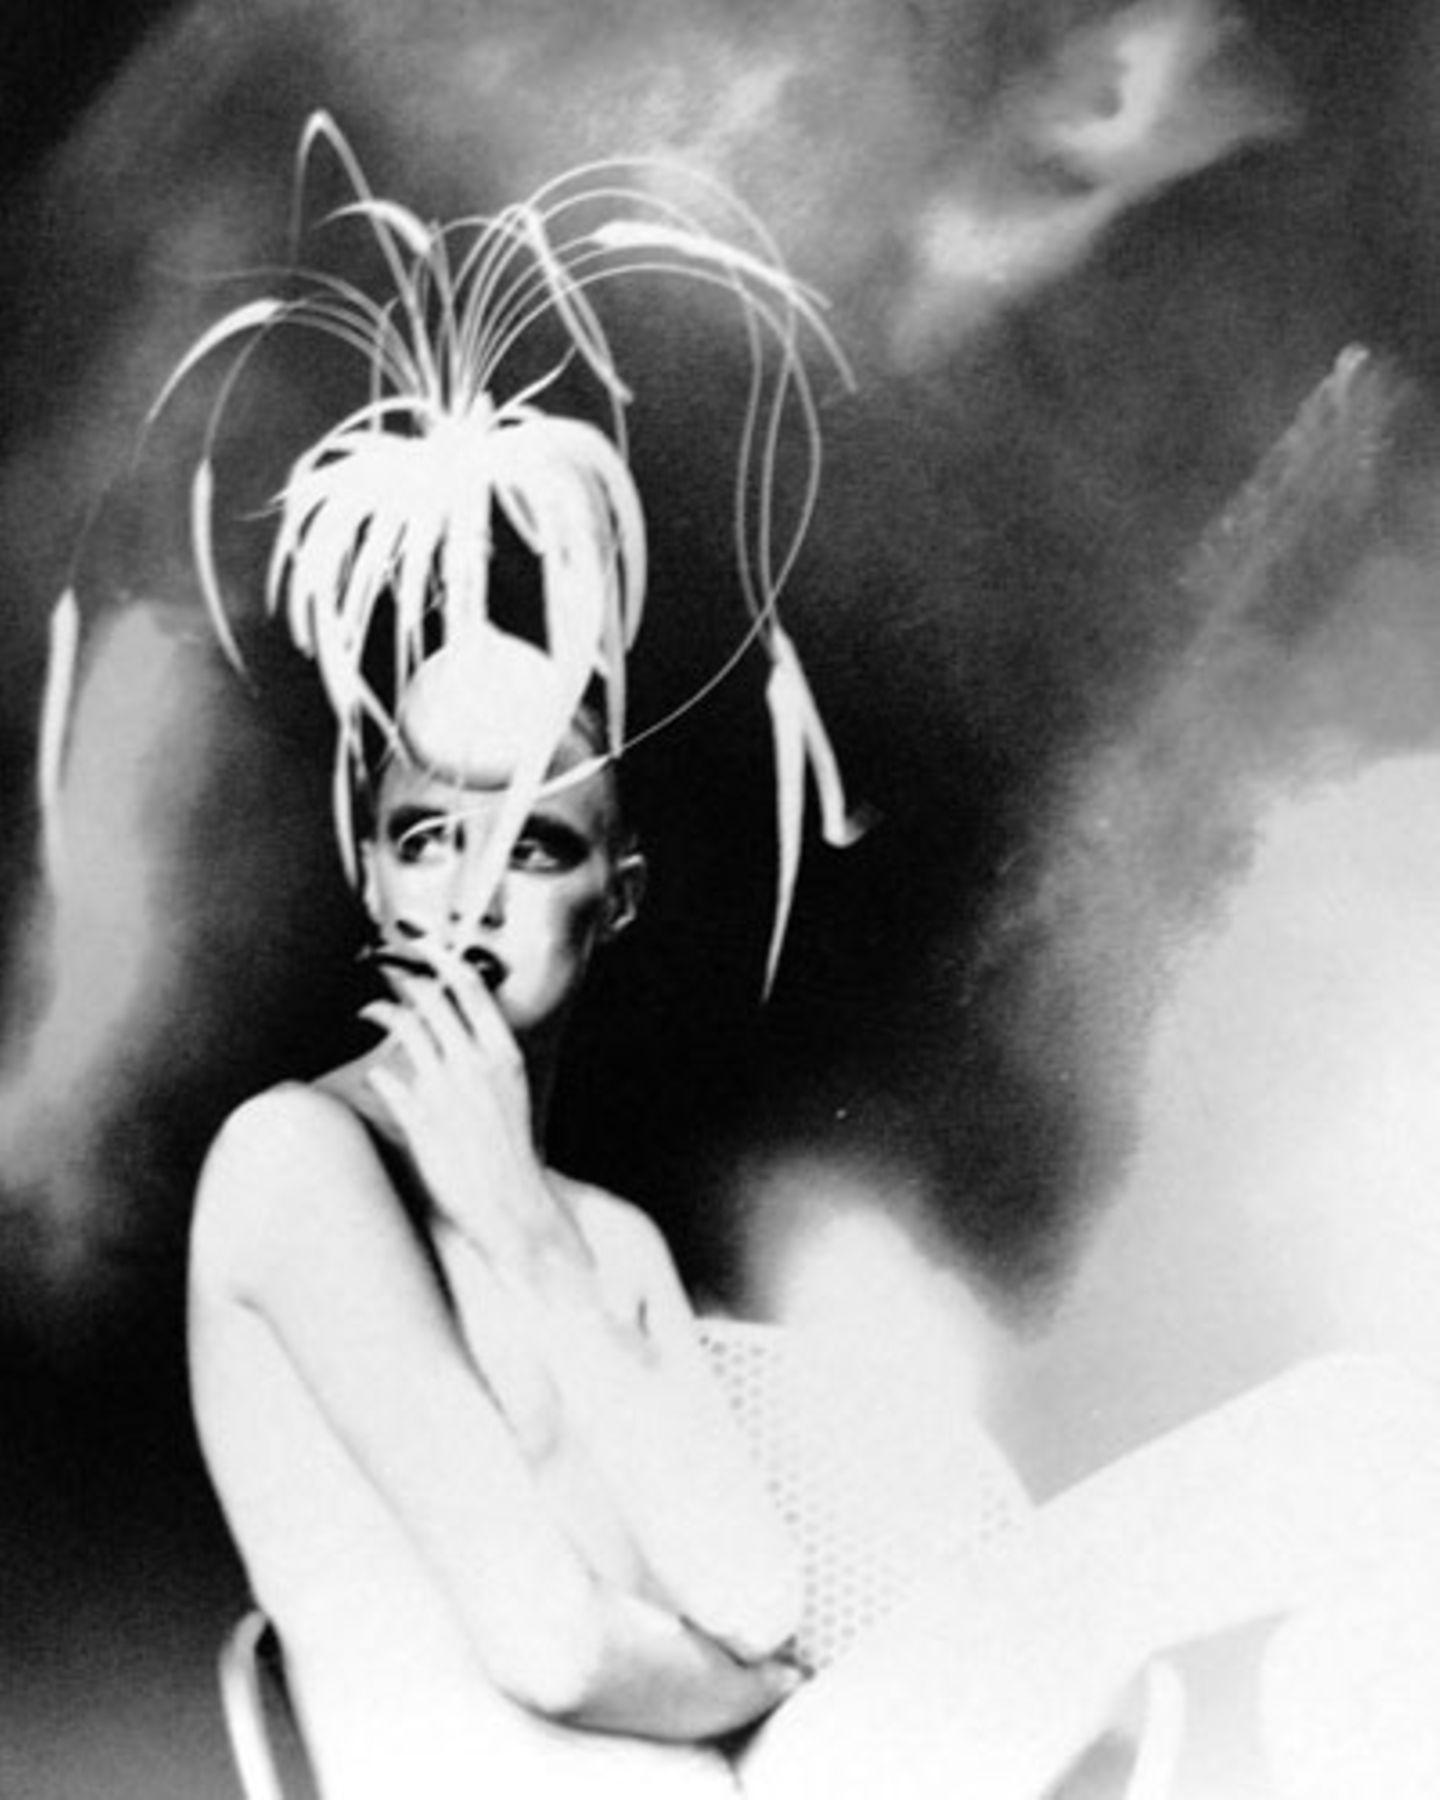 """Bassman studierte ursprünglich Malerei, stellte dann jedoch fest, dass sie eine """"schrecklich schlechte Malerin"""" sei und wandte sich der Fotografie zu. Noch heute wirken viele ihrer Bilder wie mit Ölfarbe gemalt. Für diesen Effekt nutzt die Künstlerin moderne Technik: """"Ich liebe die moderne Technologie. Sie ermöglicht es zu experimentieren ohne Papier und Chemikalien zu verschwenden."""" Und über ihre Arbeit in der Dunkelkammer sagt Bassman: """"Wissen Sie... meine Finger machten die ganze Sache als würde ich malen."""""""